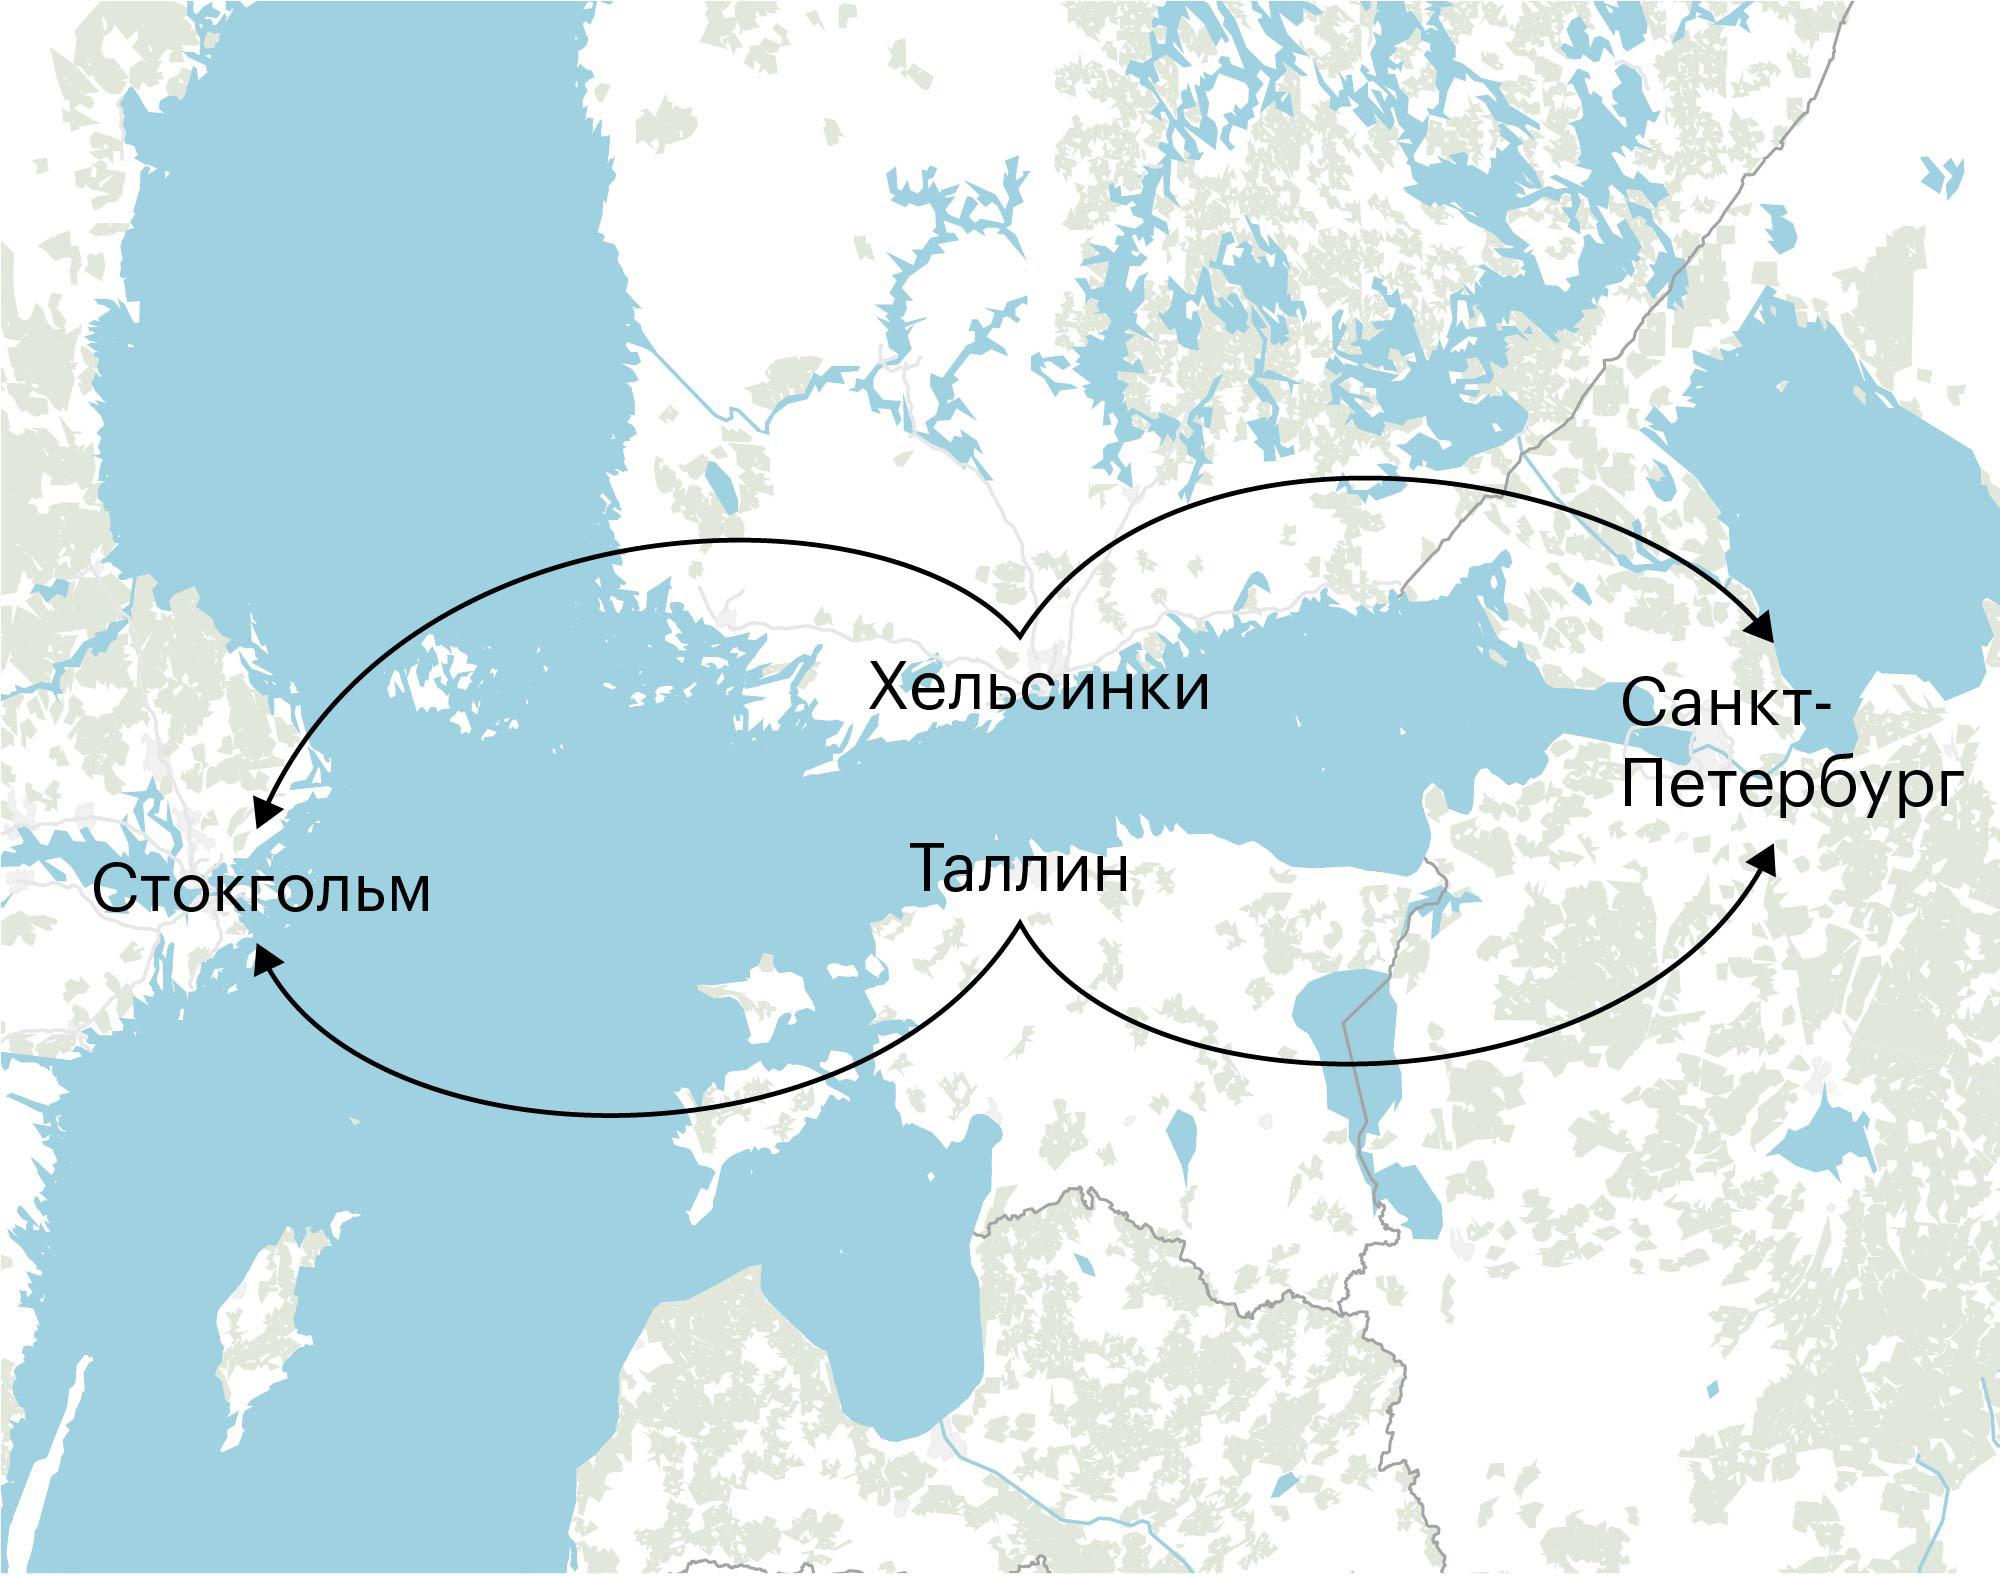 По пути в Стокгольм паромы из Санкт-Петербурга делают остановку в Хельсинки и Таллине